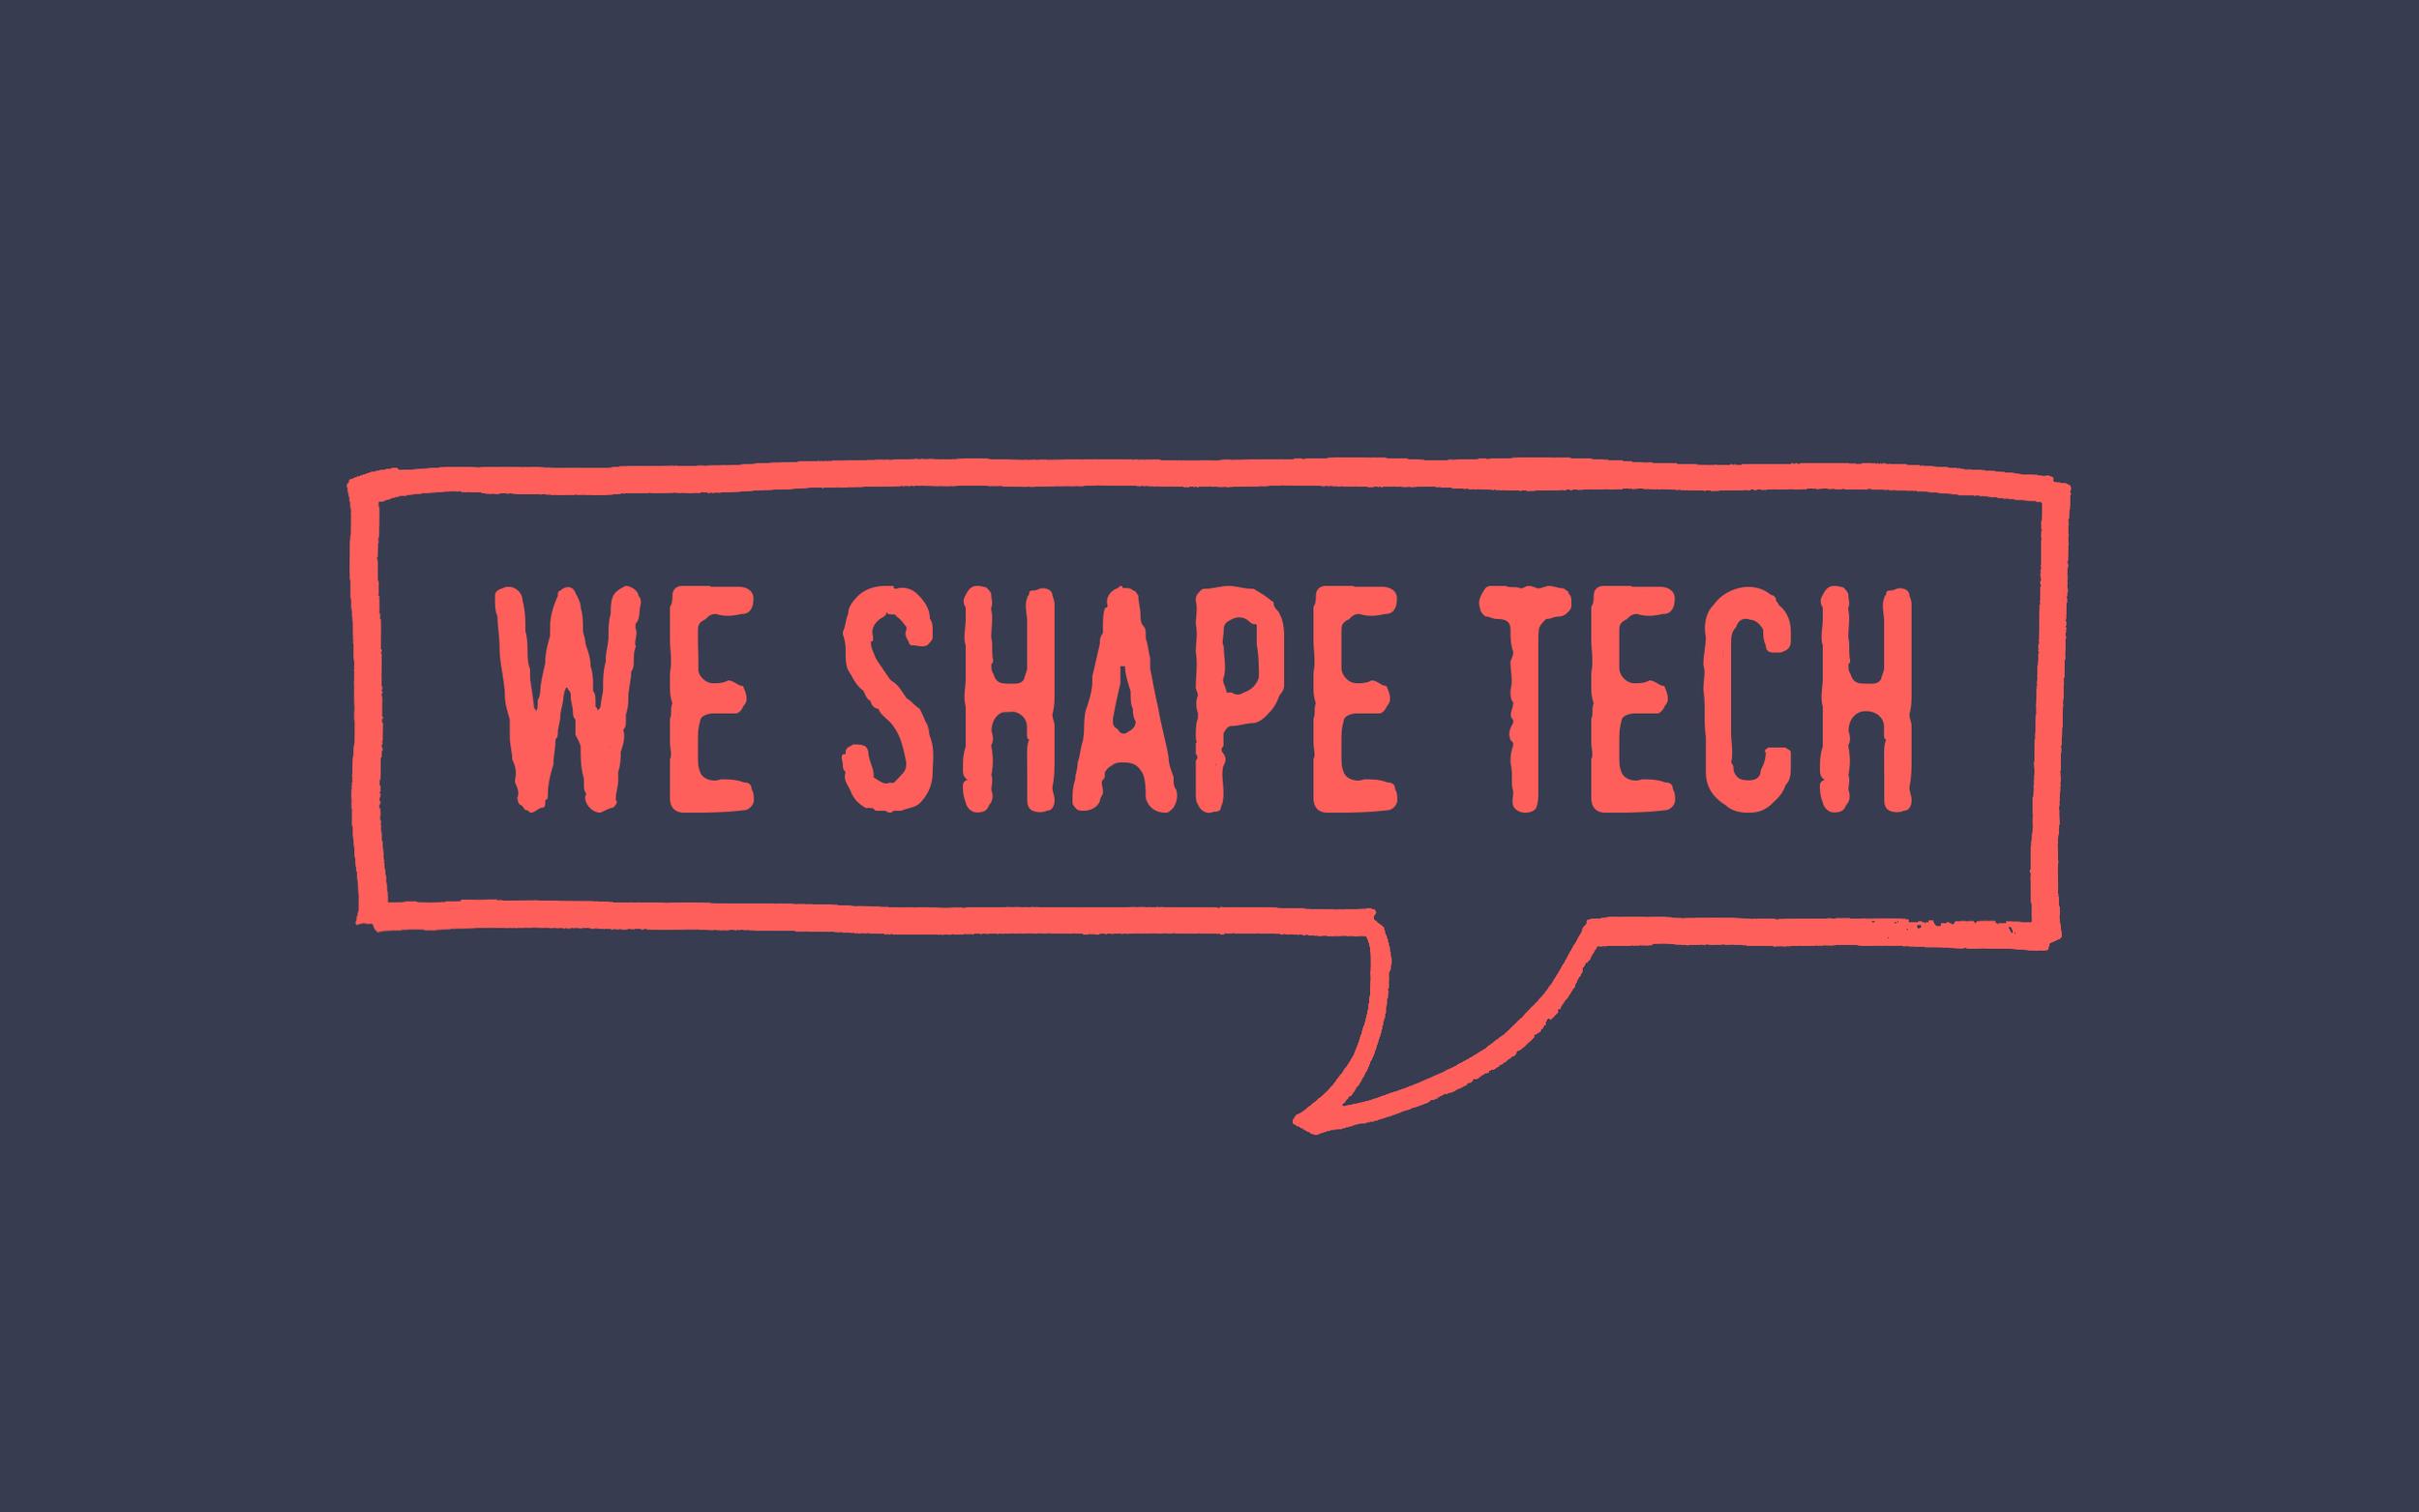 WeShapeTech-header-darkblue Kopie.png